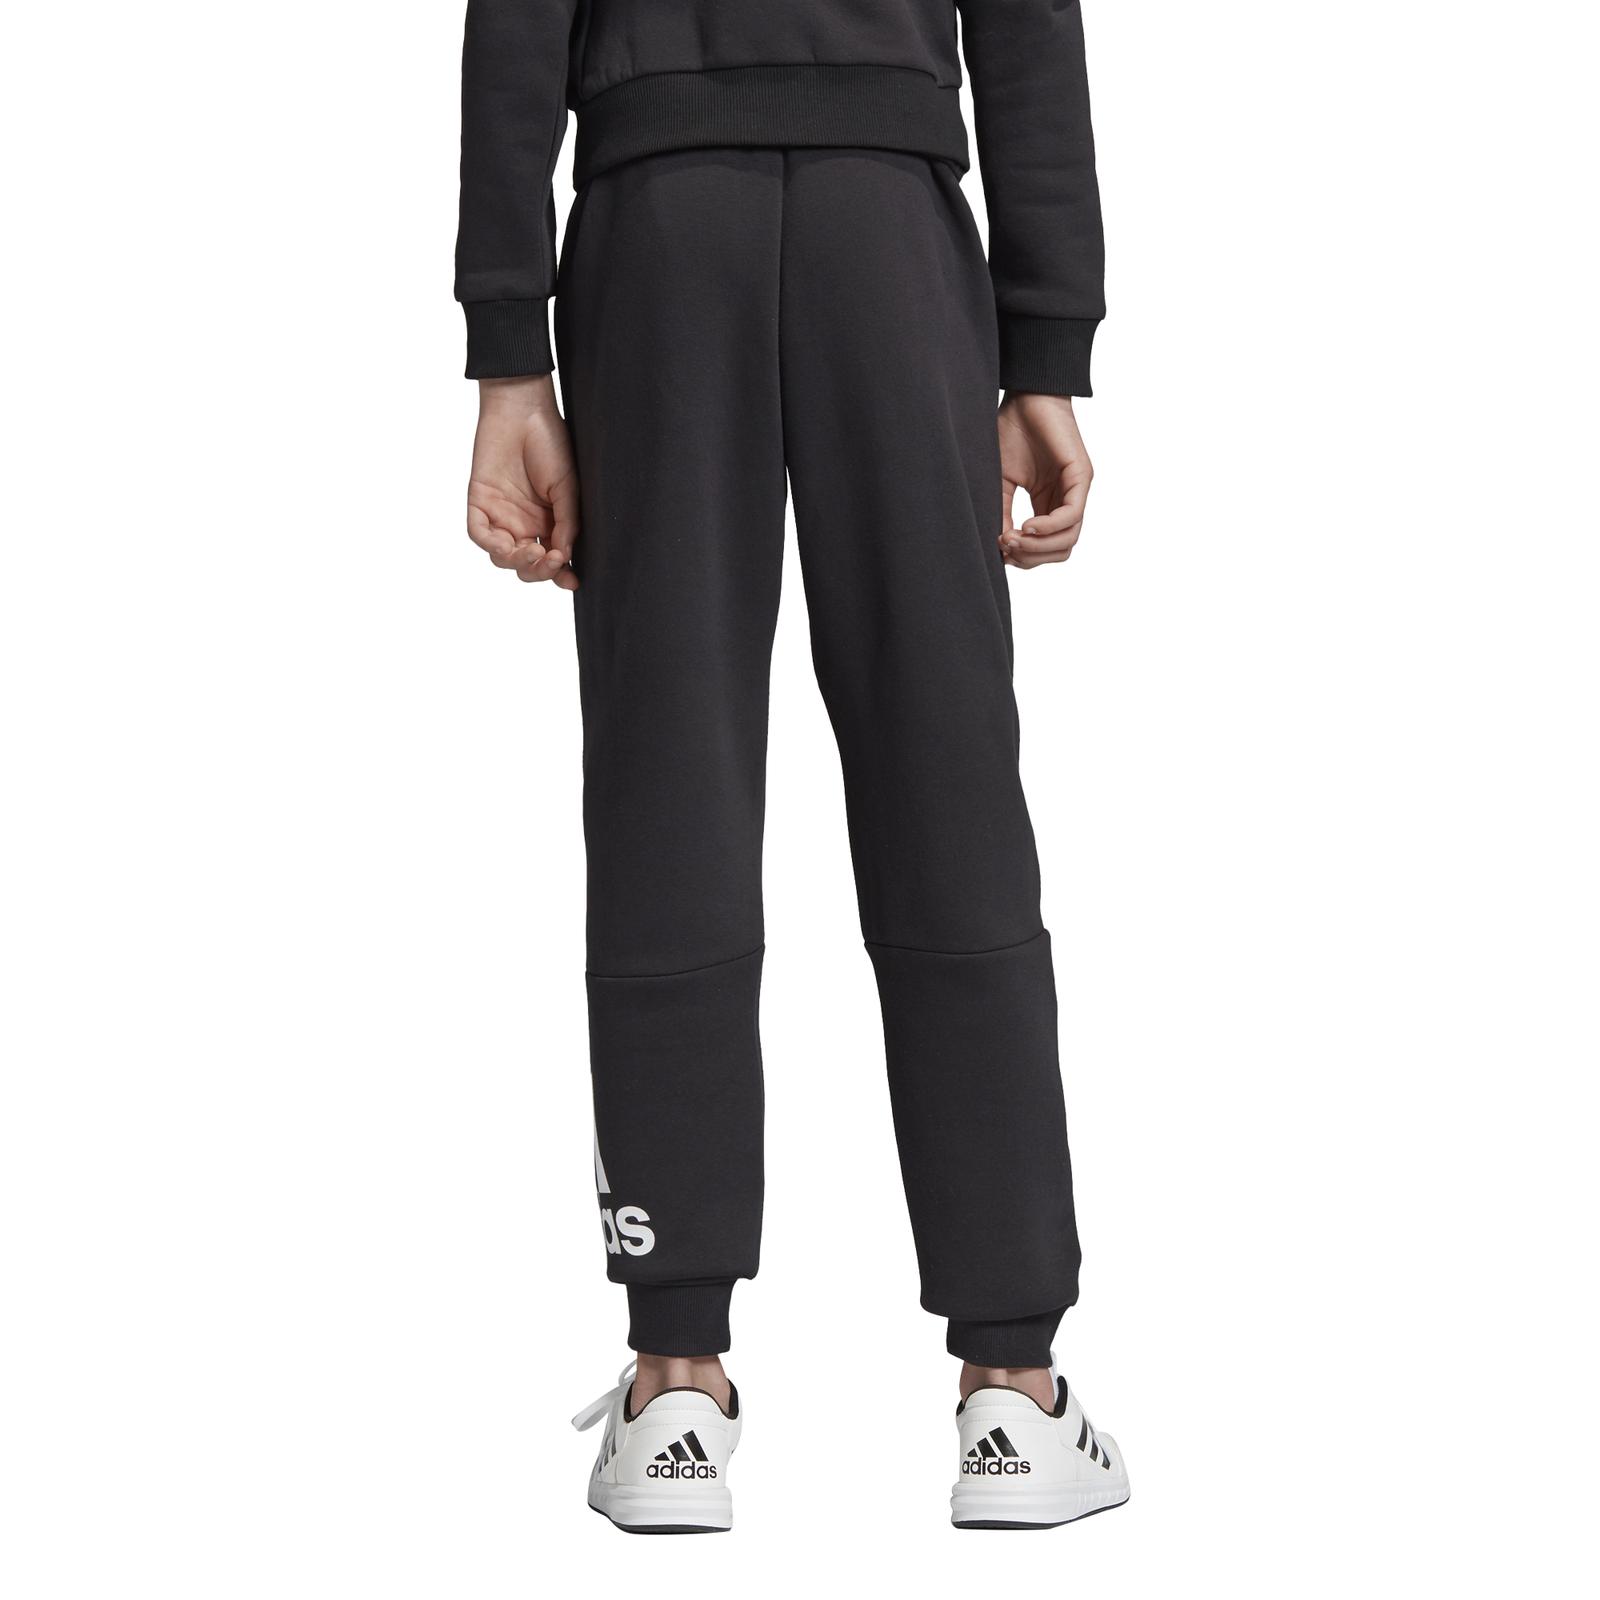 Details zu adidas Core Kinder Trainingshose Must Haves Badge of Sport Fleecehose schwarz